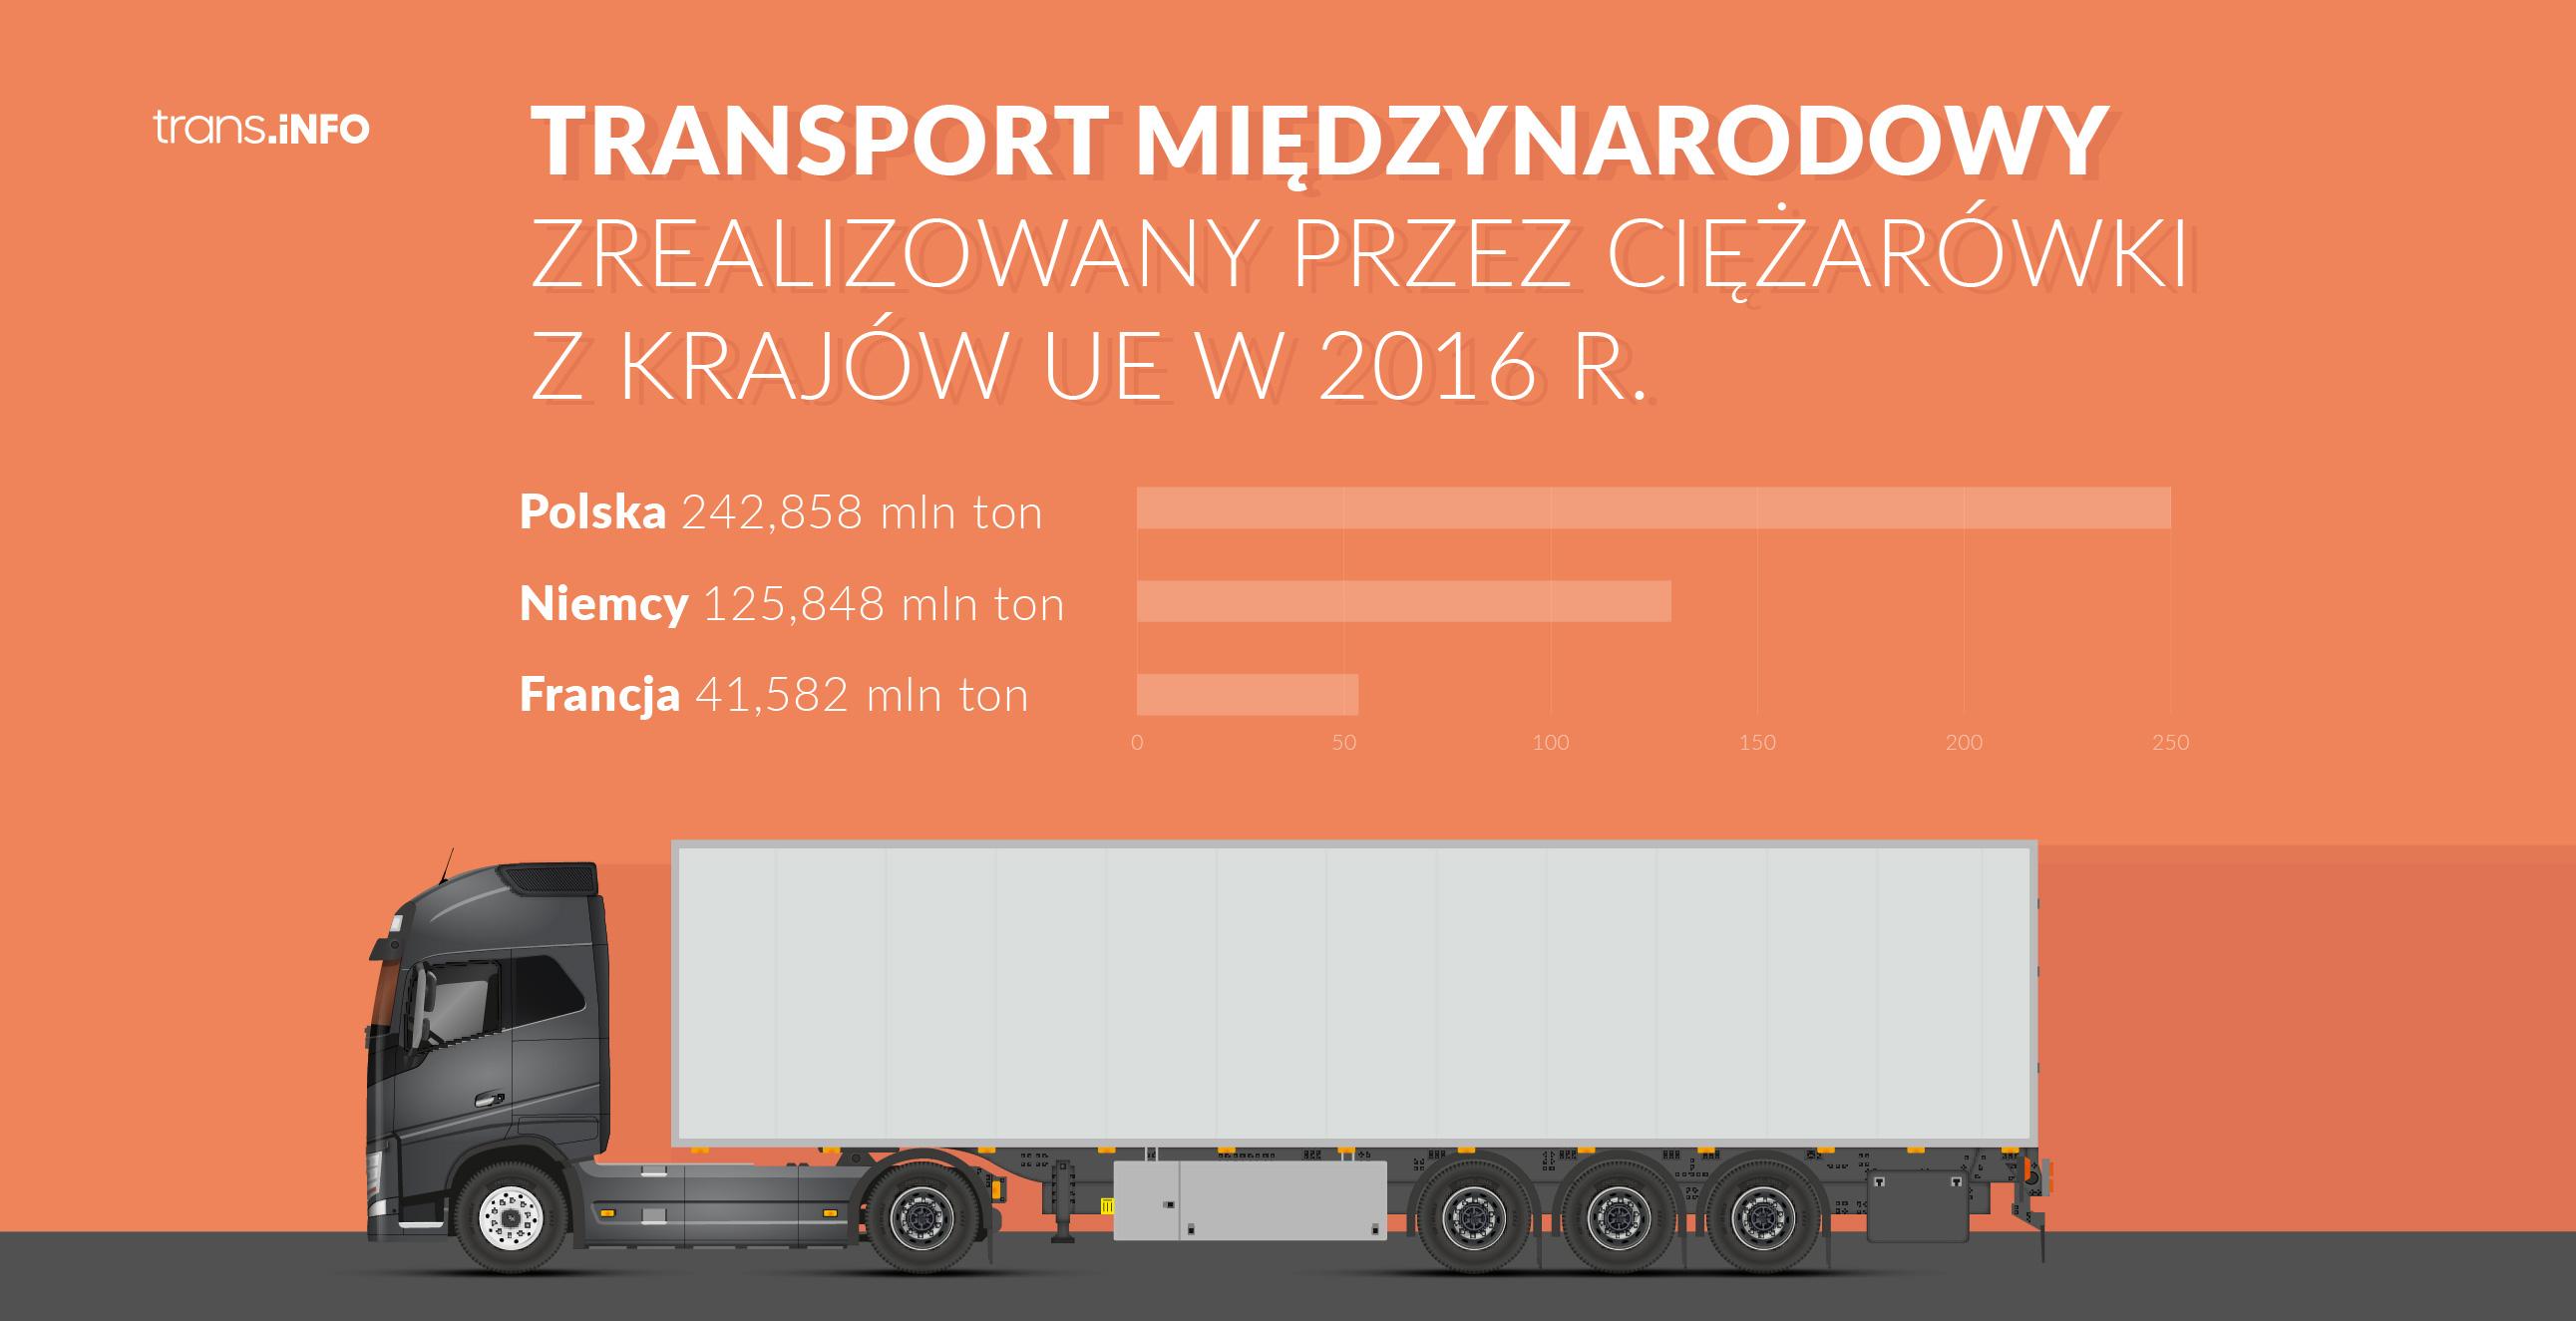 Przewoy transportowe Polski w porównaniu z innymi krajami